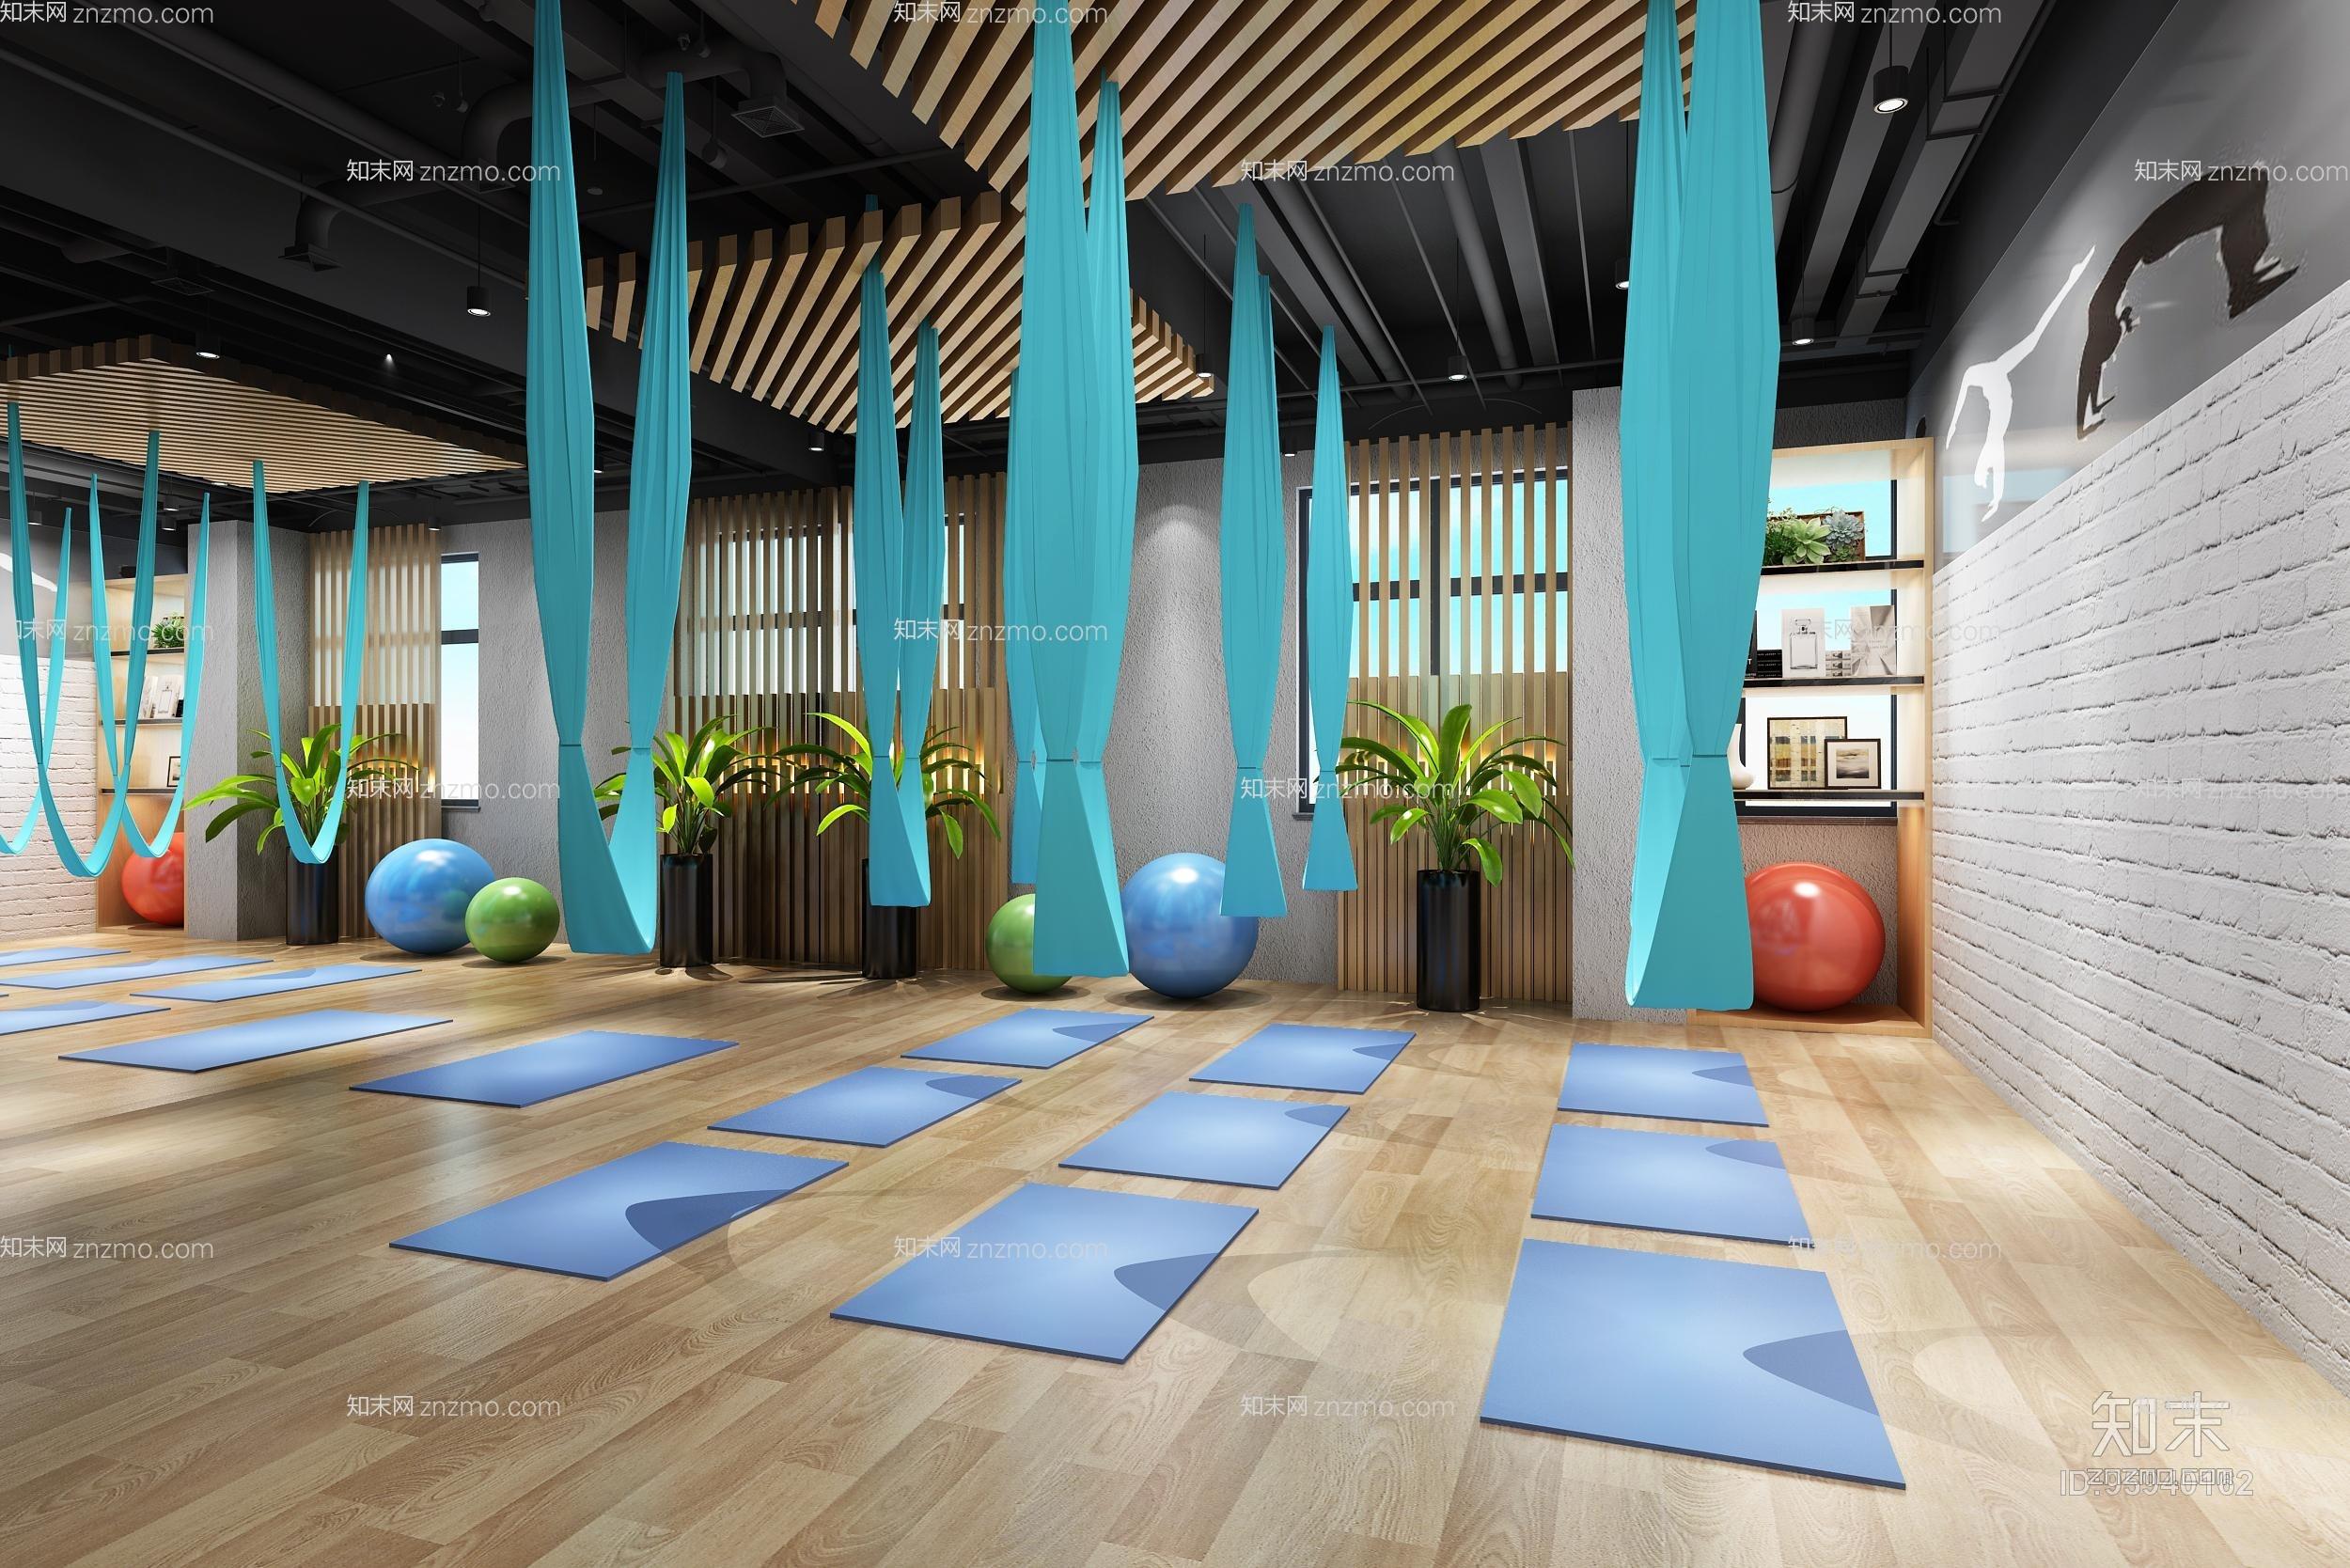 现代风格瑜伽室3d模型下载【id:95940162】图片